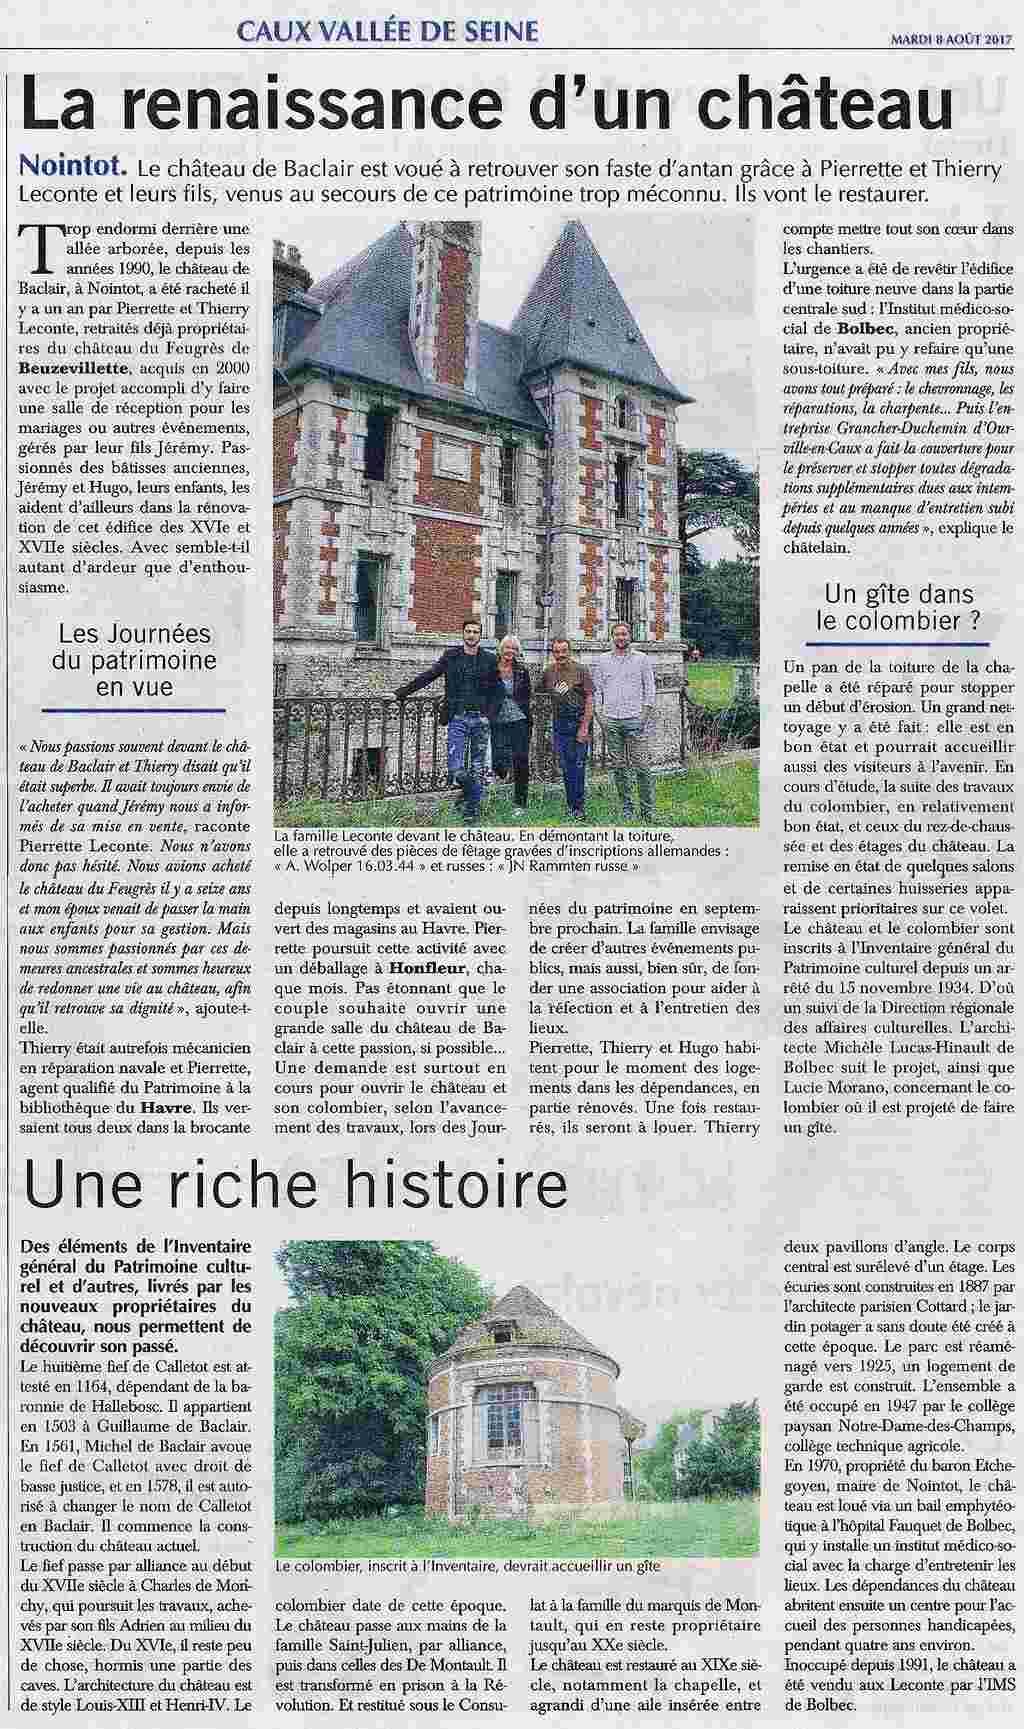 Histoire des communes - Nointot 2017-023